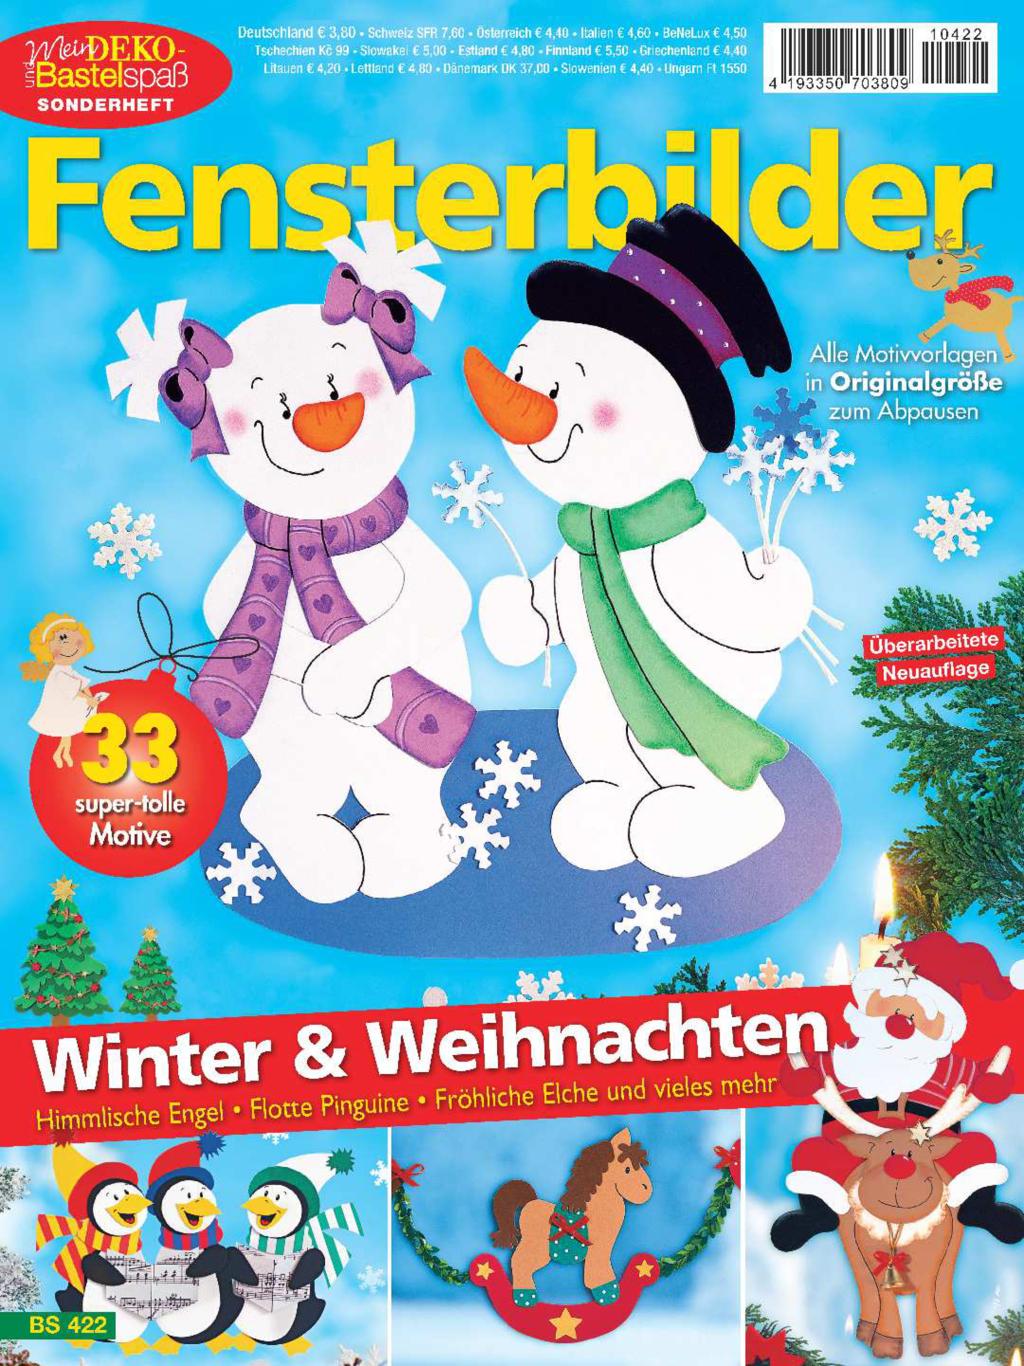 Mein Deko- und Bastelspaß Sonderheft Nr. BS422 - Winter & Weihnachten